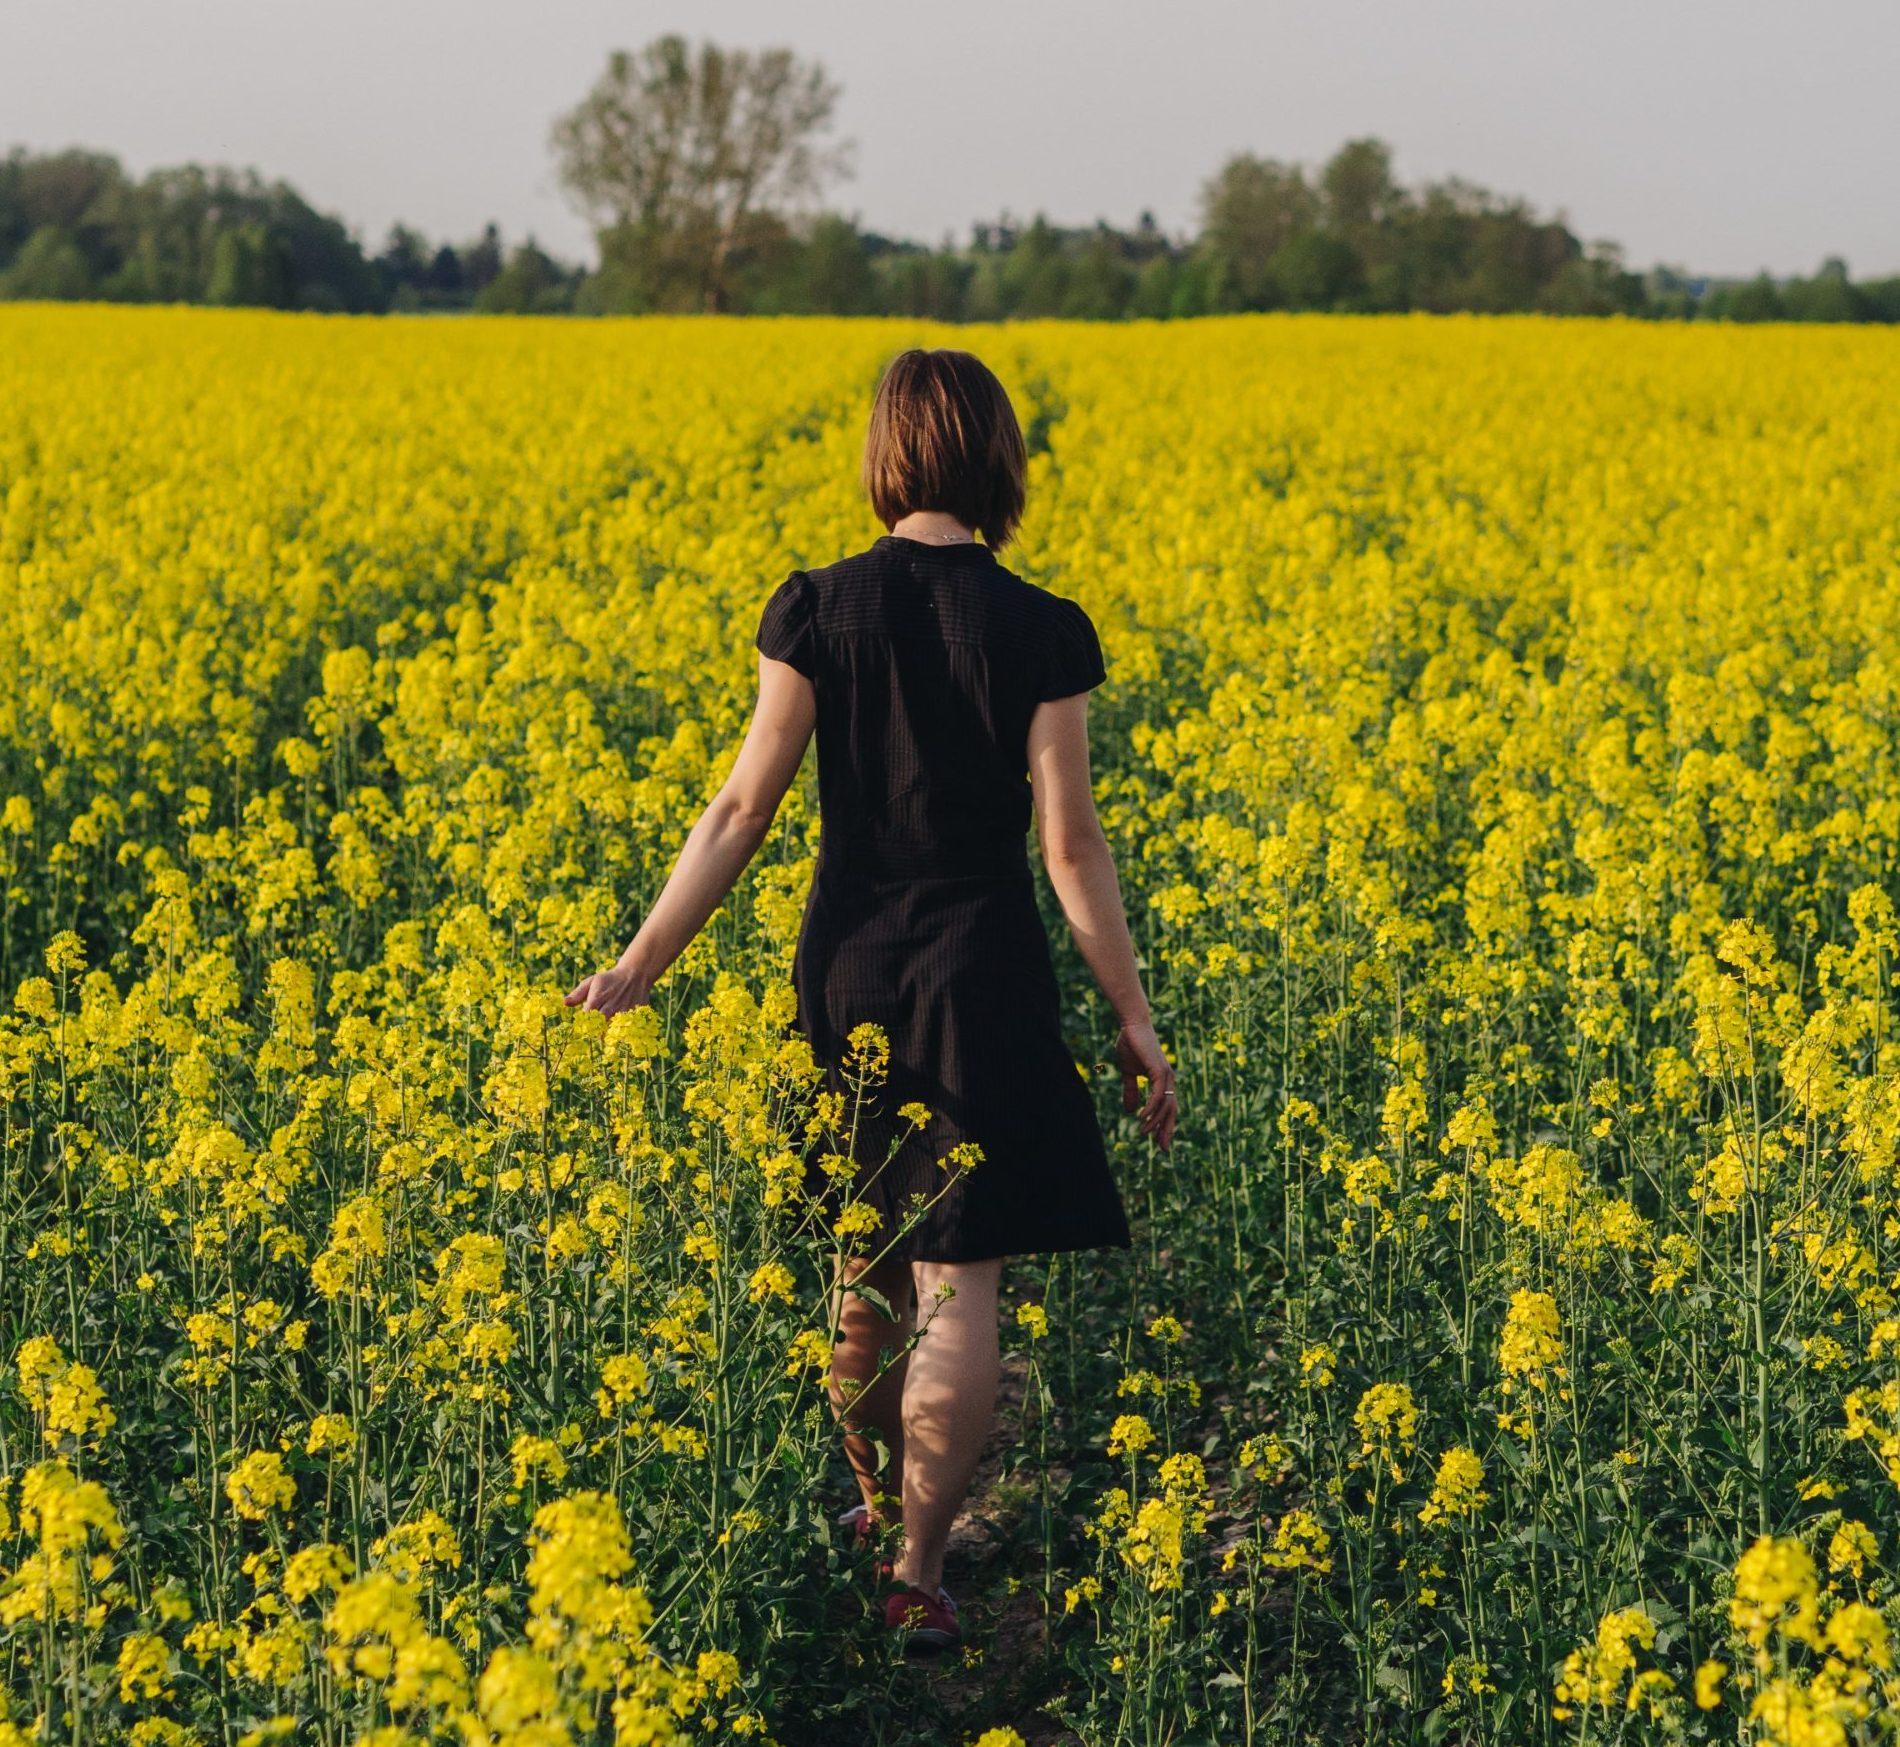 Goldene Felder – hübsch, aber potenziell gefährlich